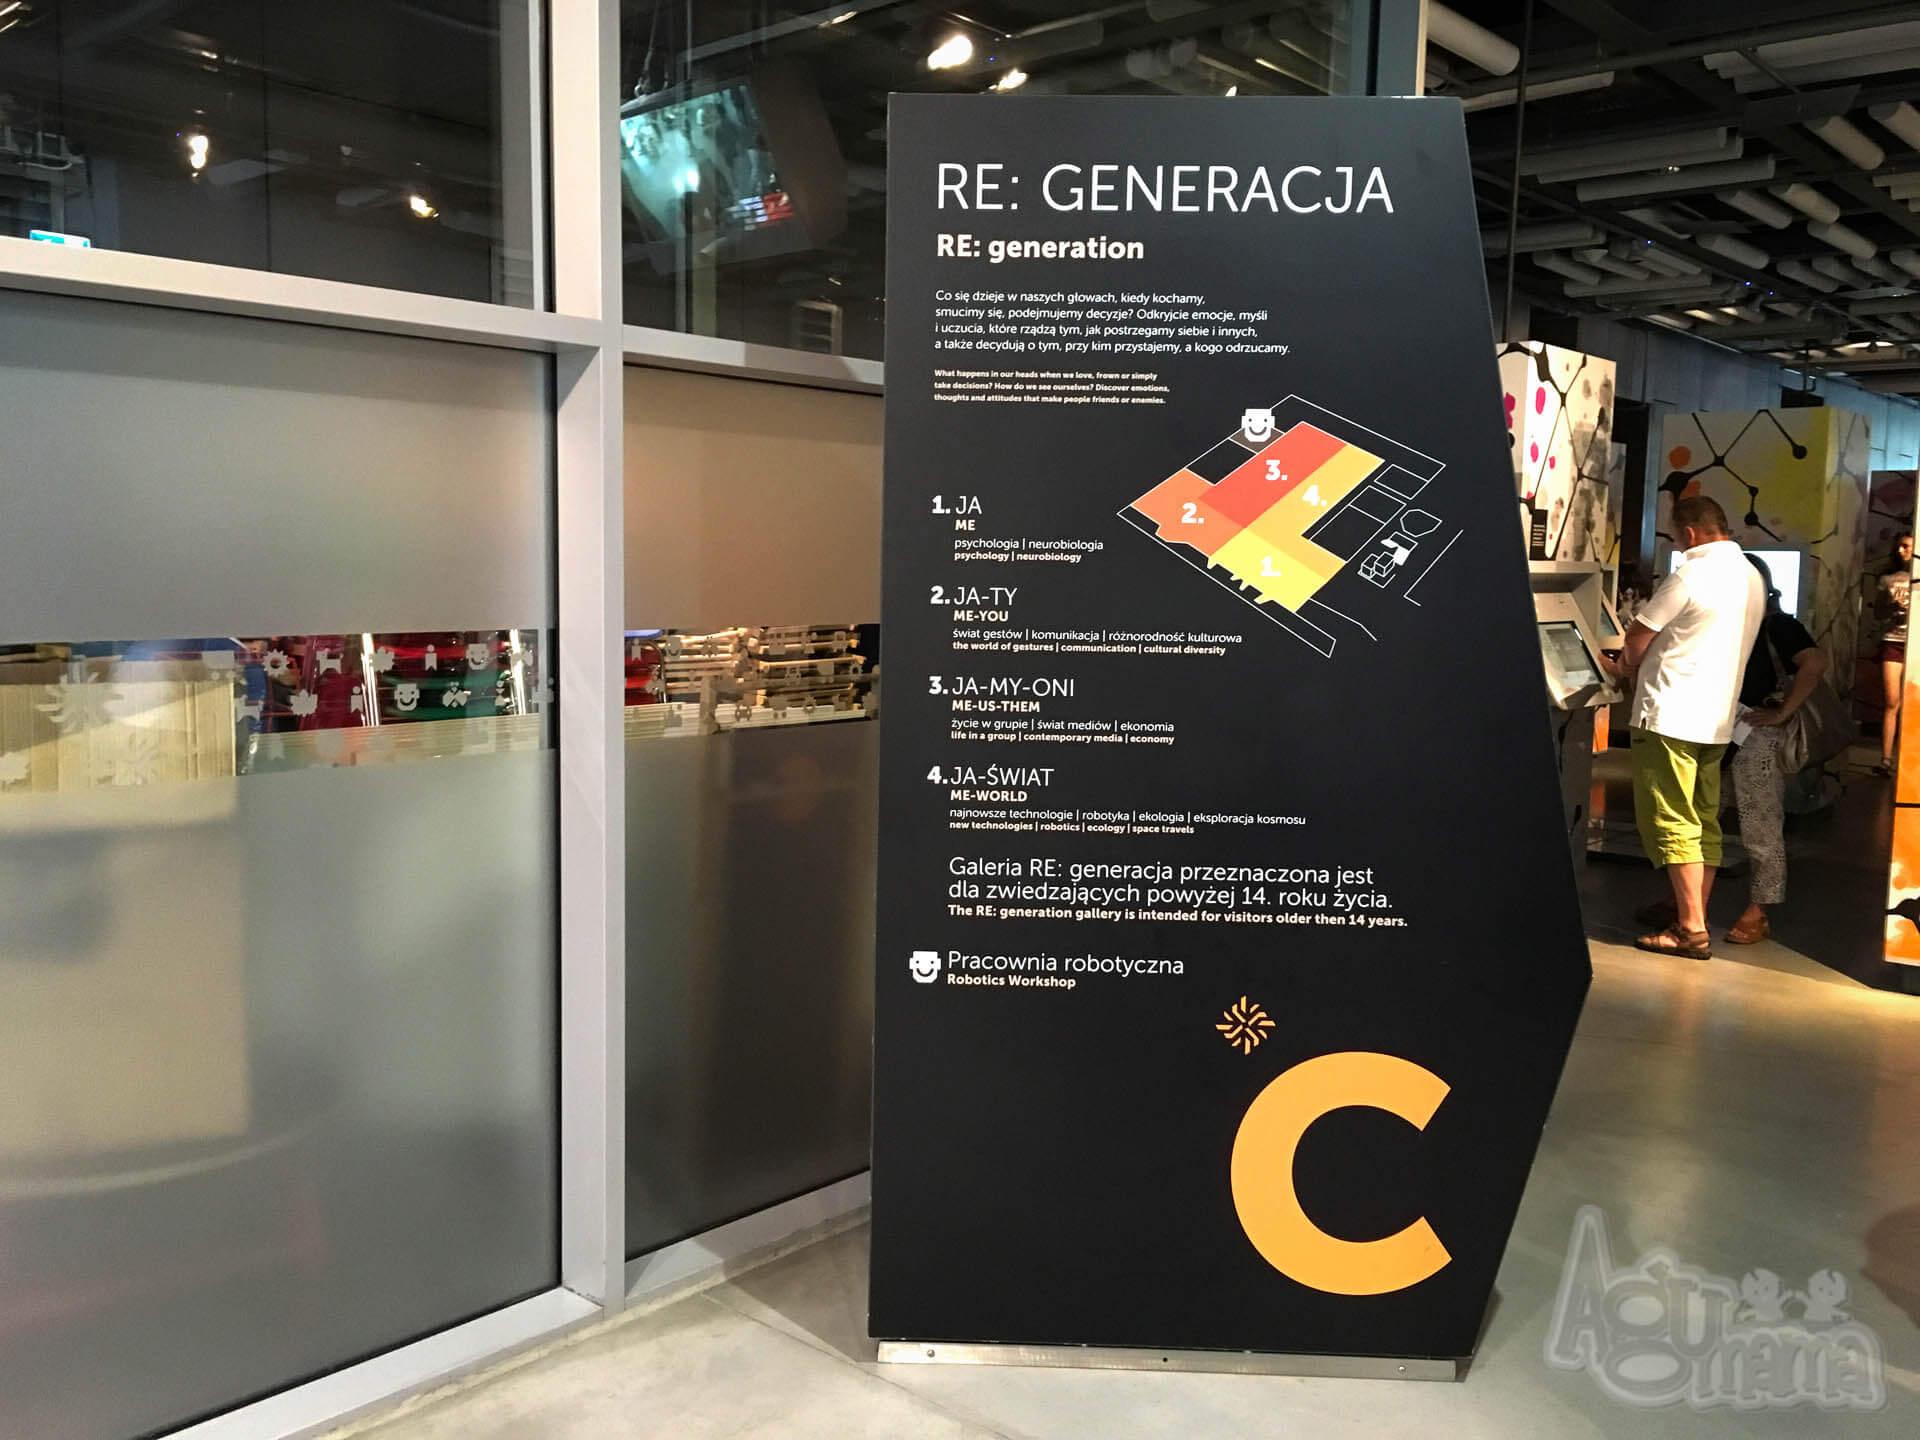 Centrum Nauki Kopernik re generacja